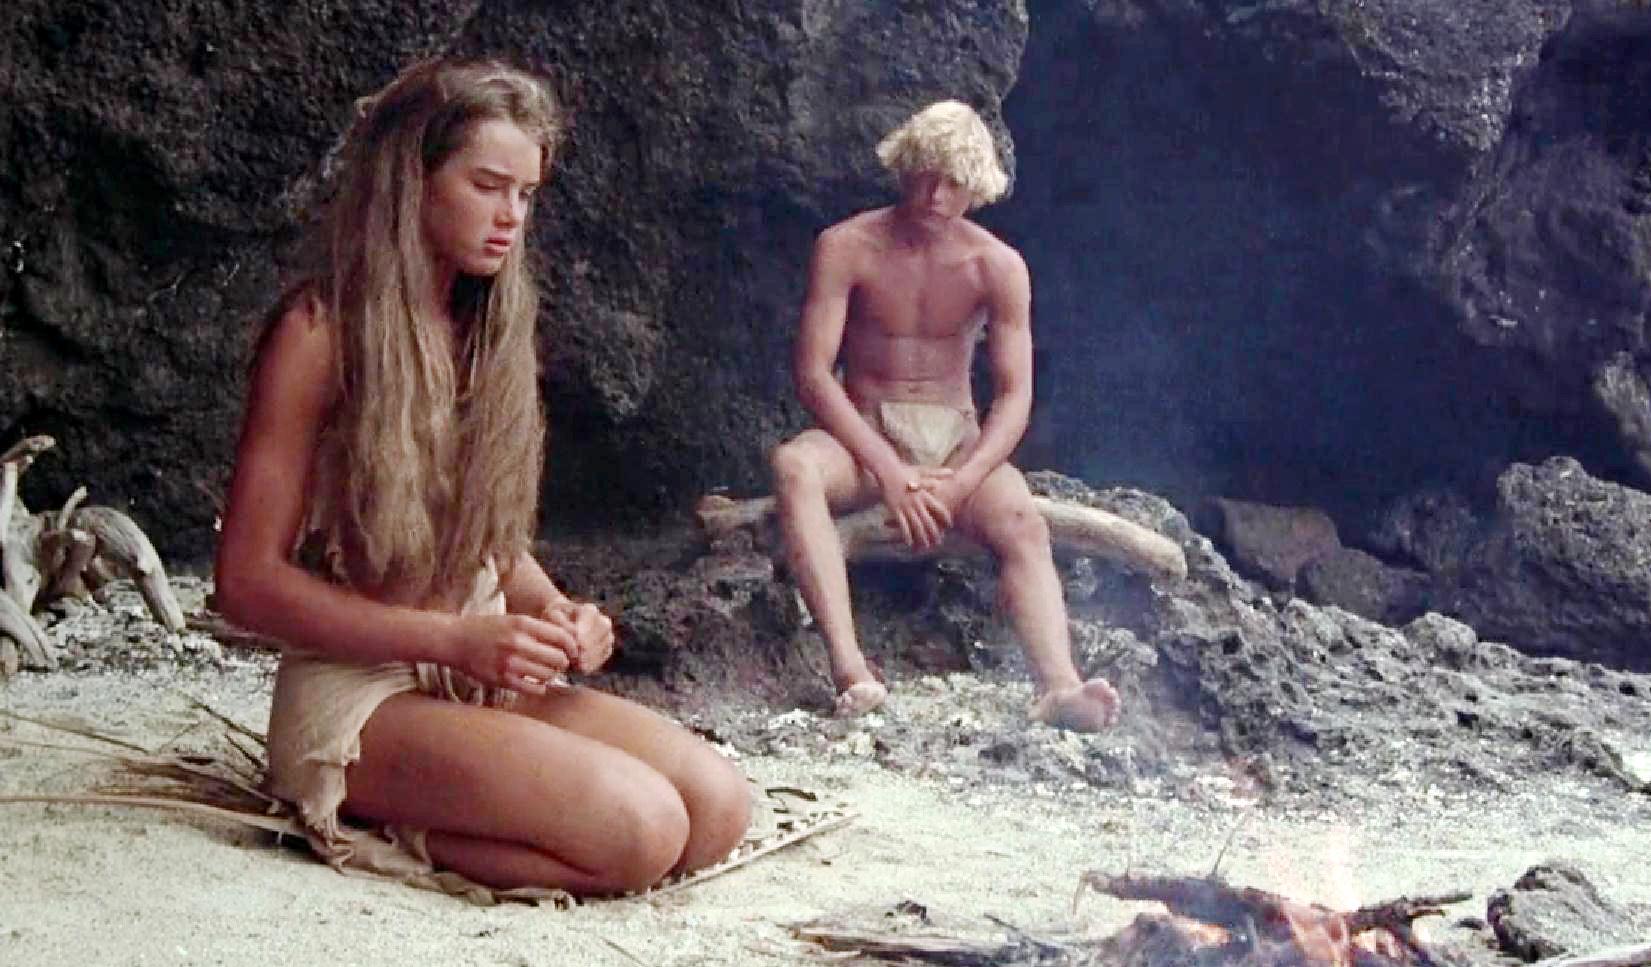 #经典看电影#少女流落荒岛上,10年后习惯了这种原始生活!